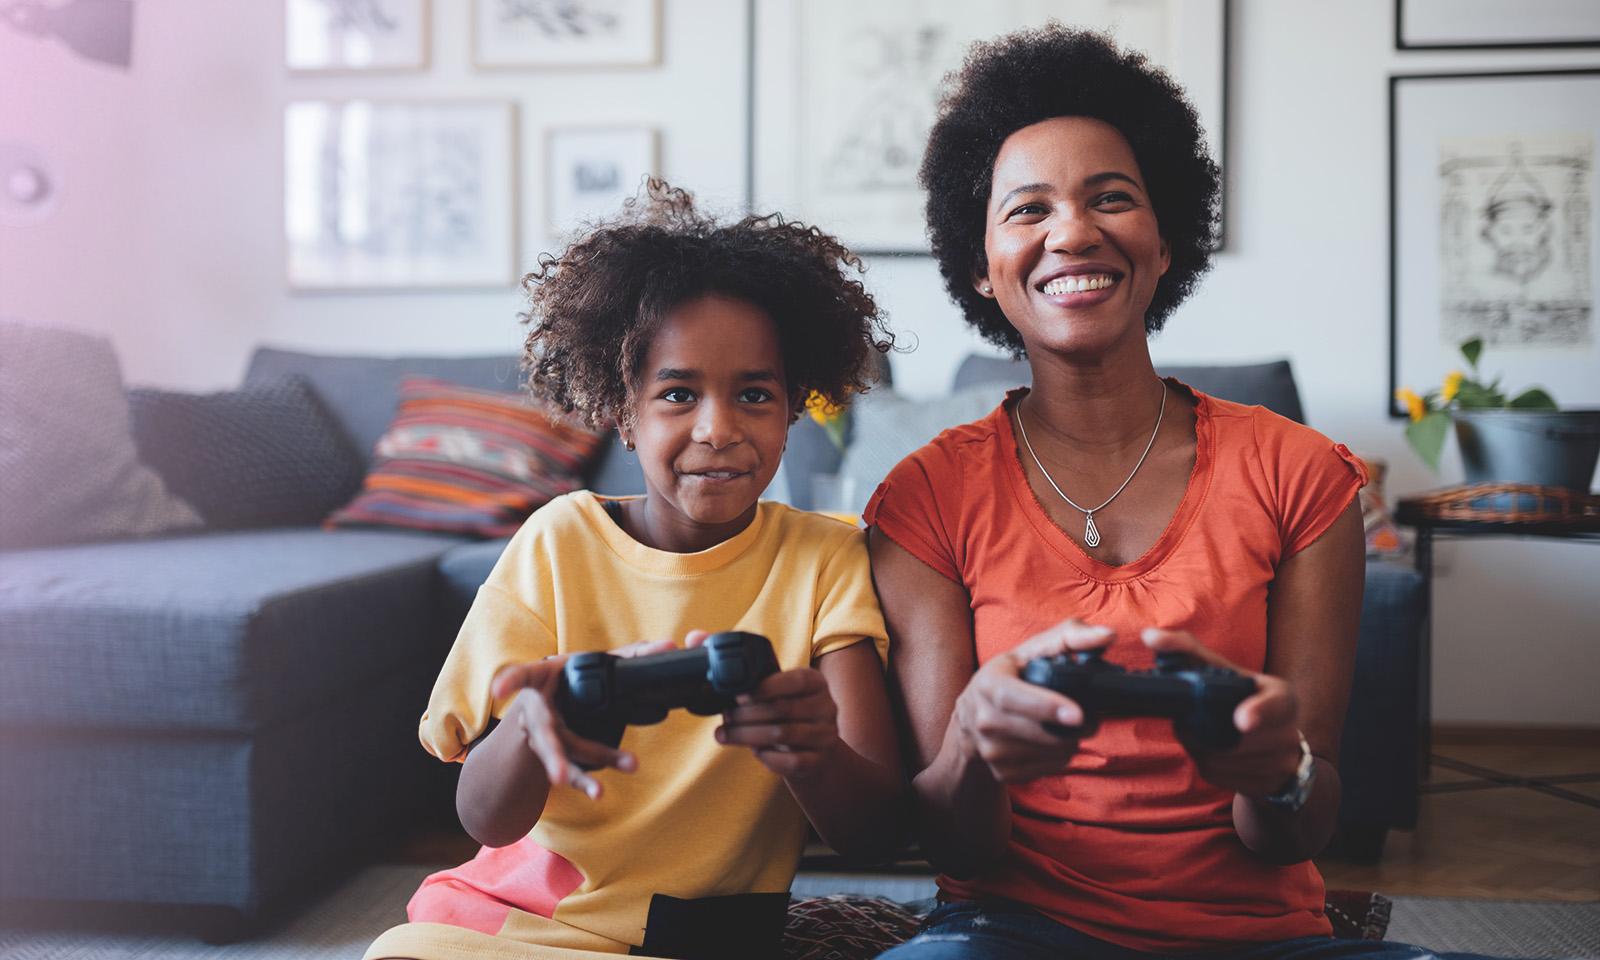 Jeux vidéo: 4 conseils pour faire un choix éclairé pour son enfant